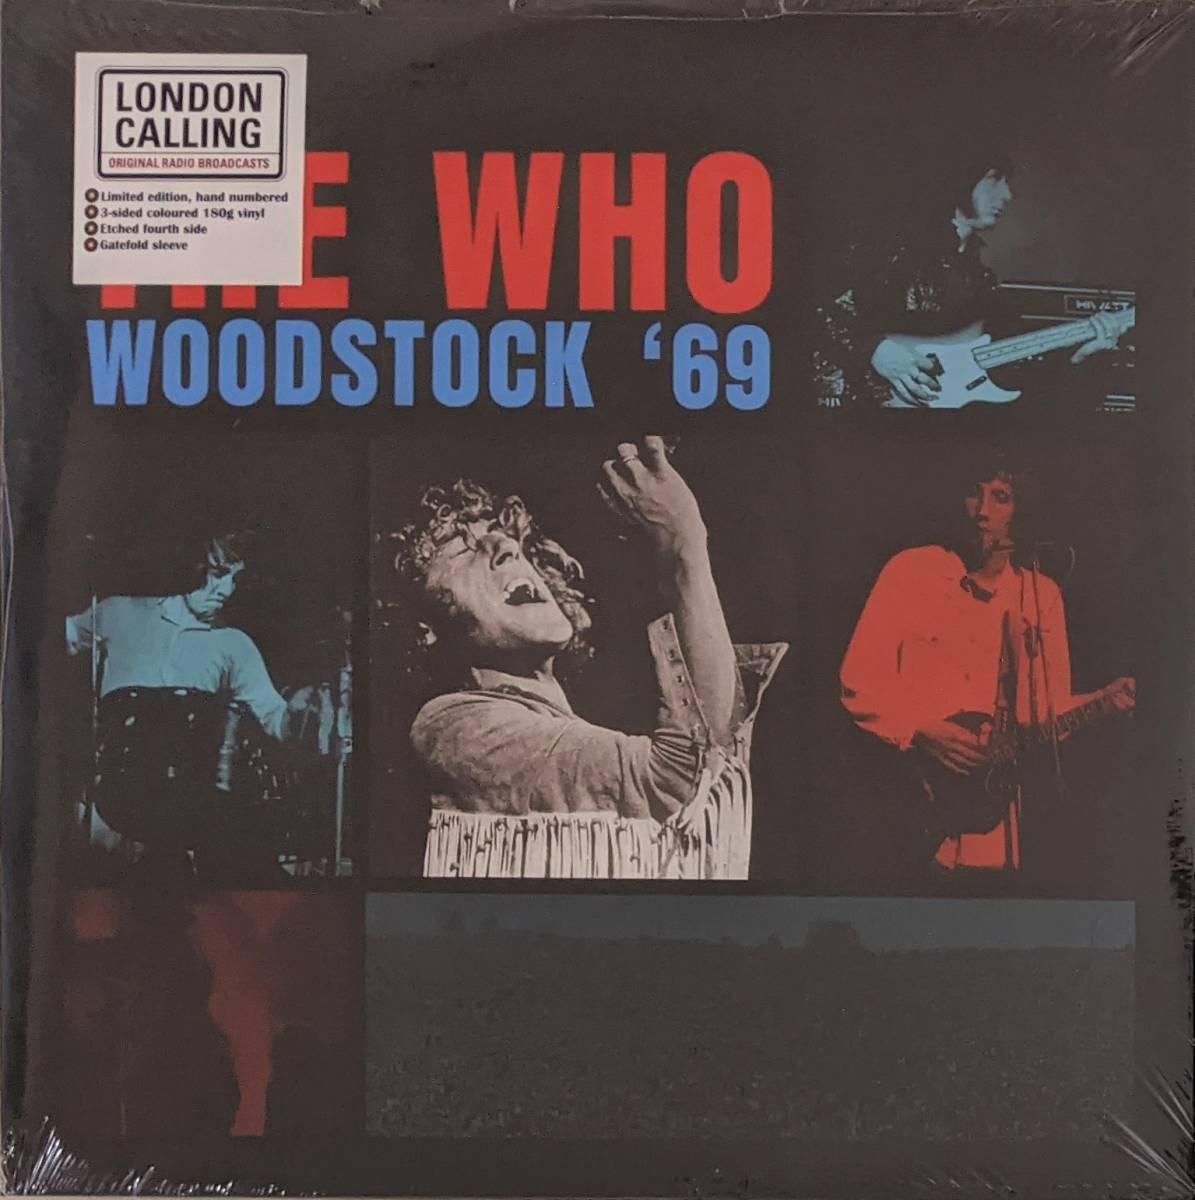 The Who ザ・フー - Woodstock '69 手書き番号入り限定二枚組レッド・ブルー・カラー・アナログ・レコード